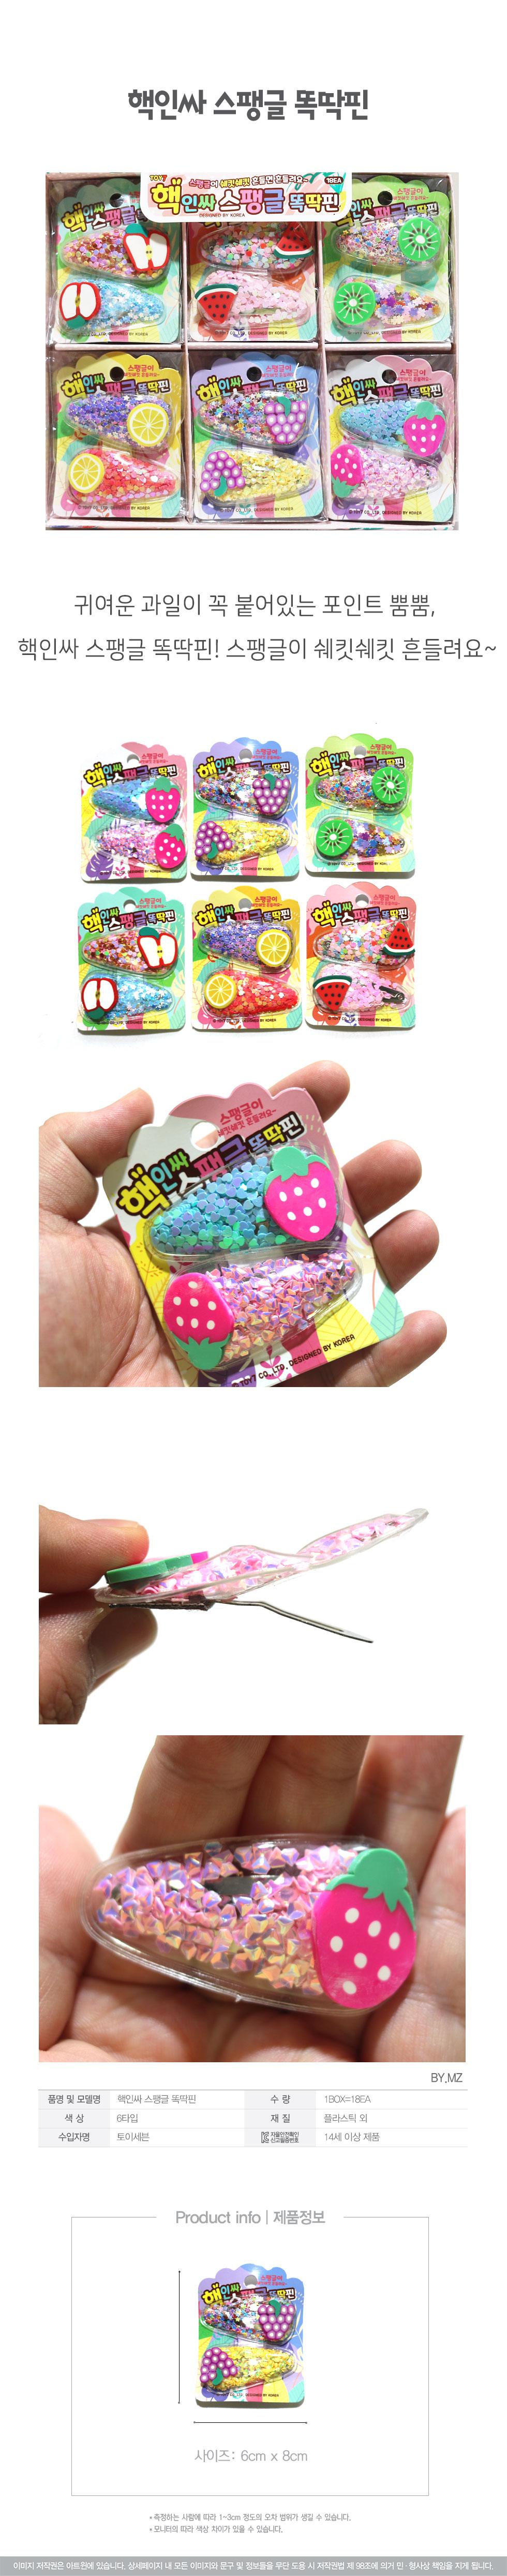 2000핵인싸스팽글똑딱핀BOX - 아트윈, 35,900원, 헤어핀/밴드/끈, 헤어핀/끈